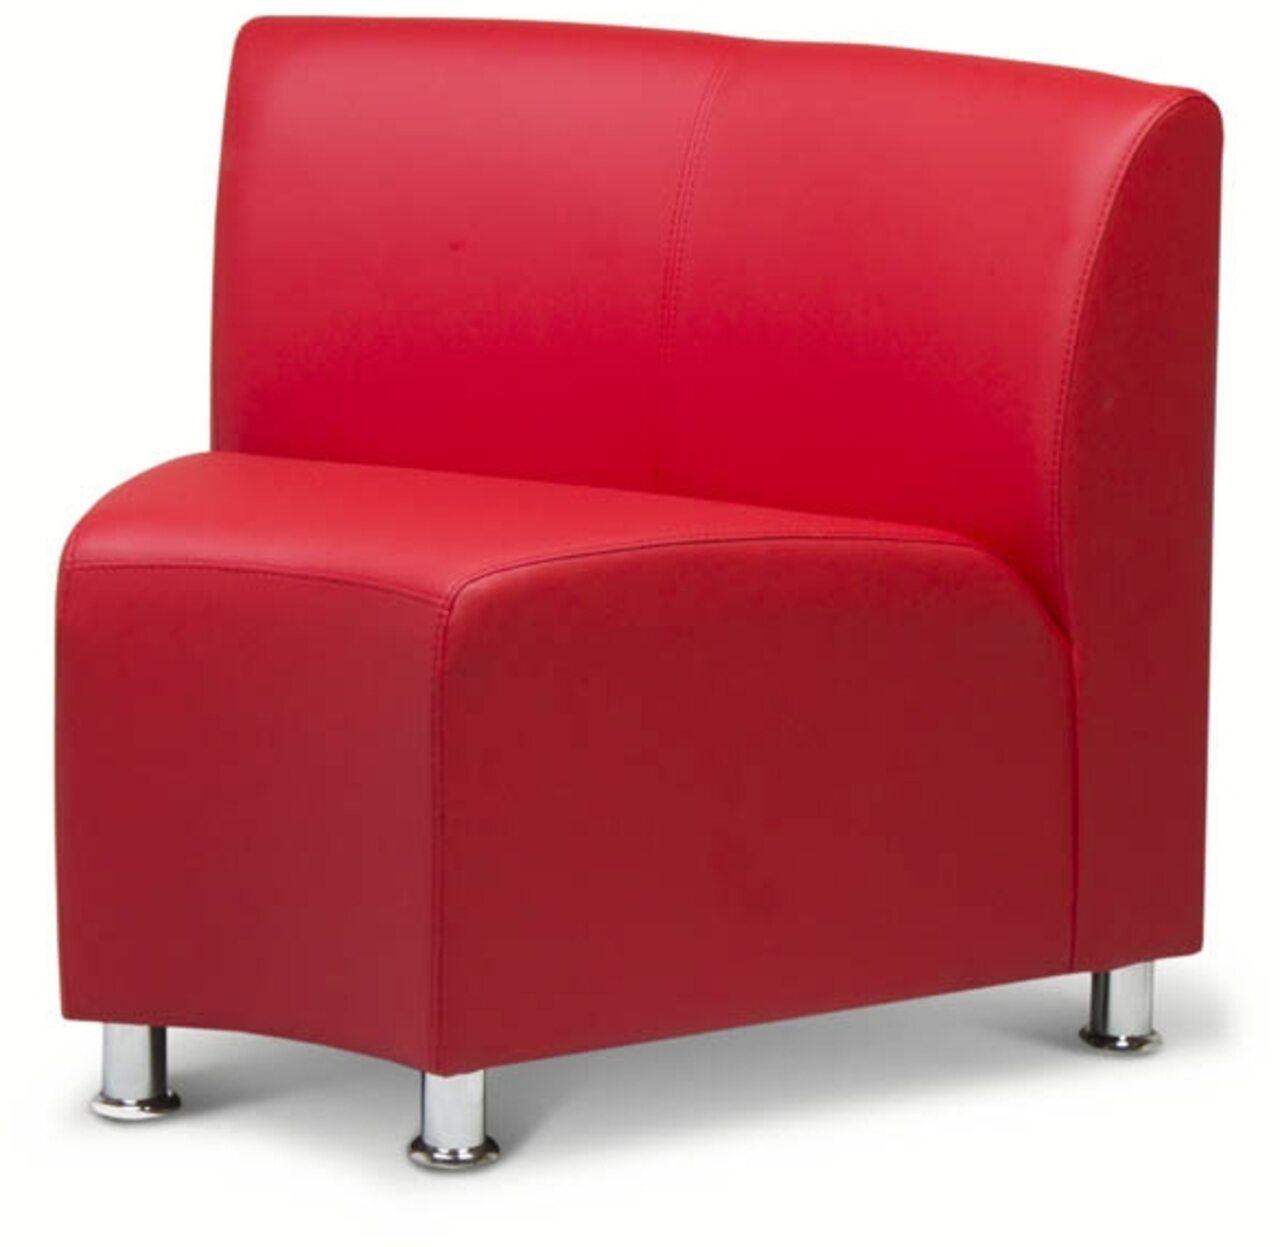 Мягкая офисная мебель МИКС - фото 4